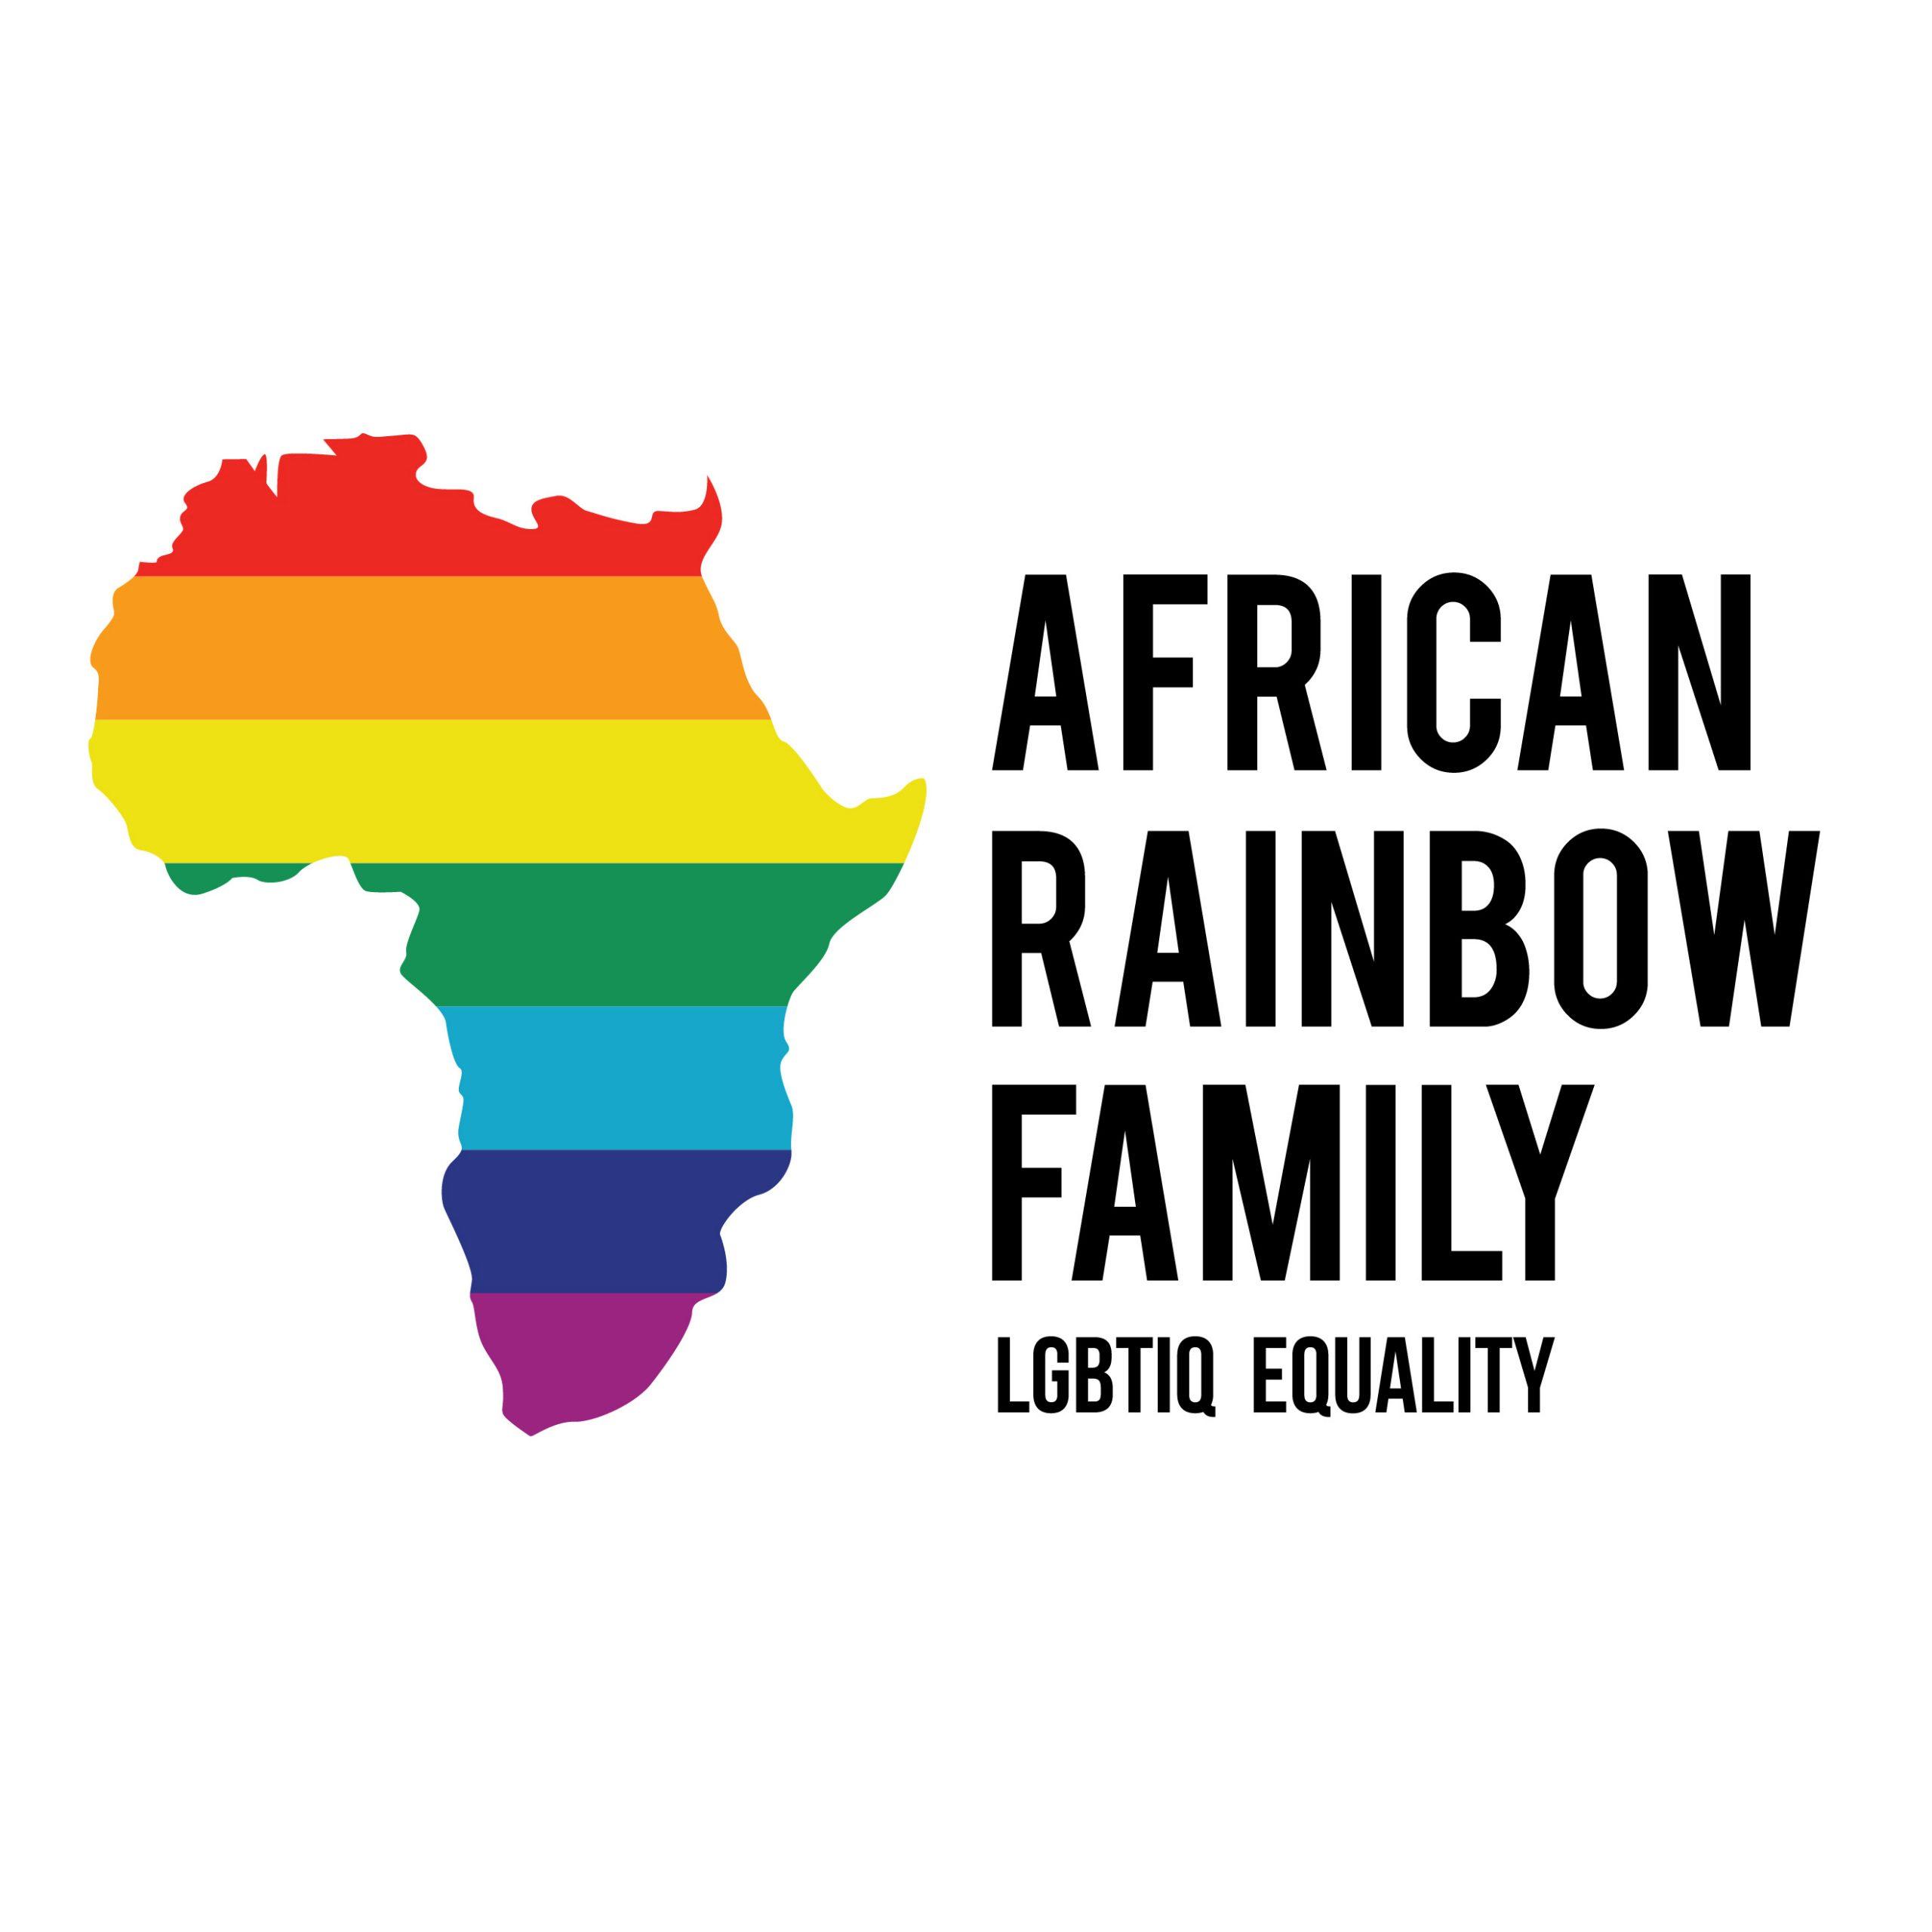 AfricanRainbowFamily